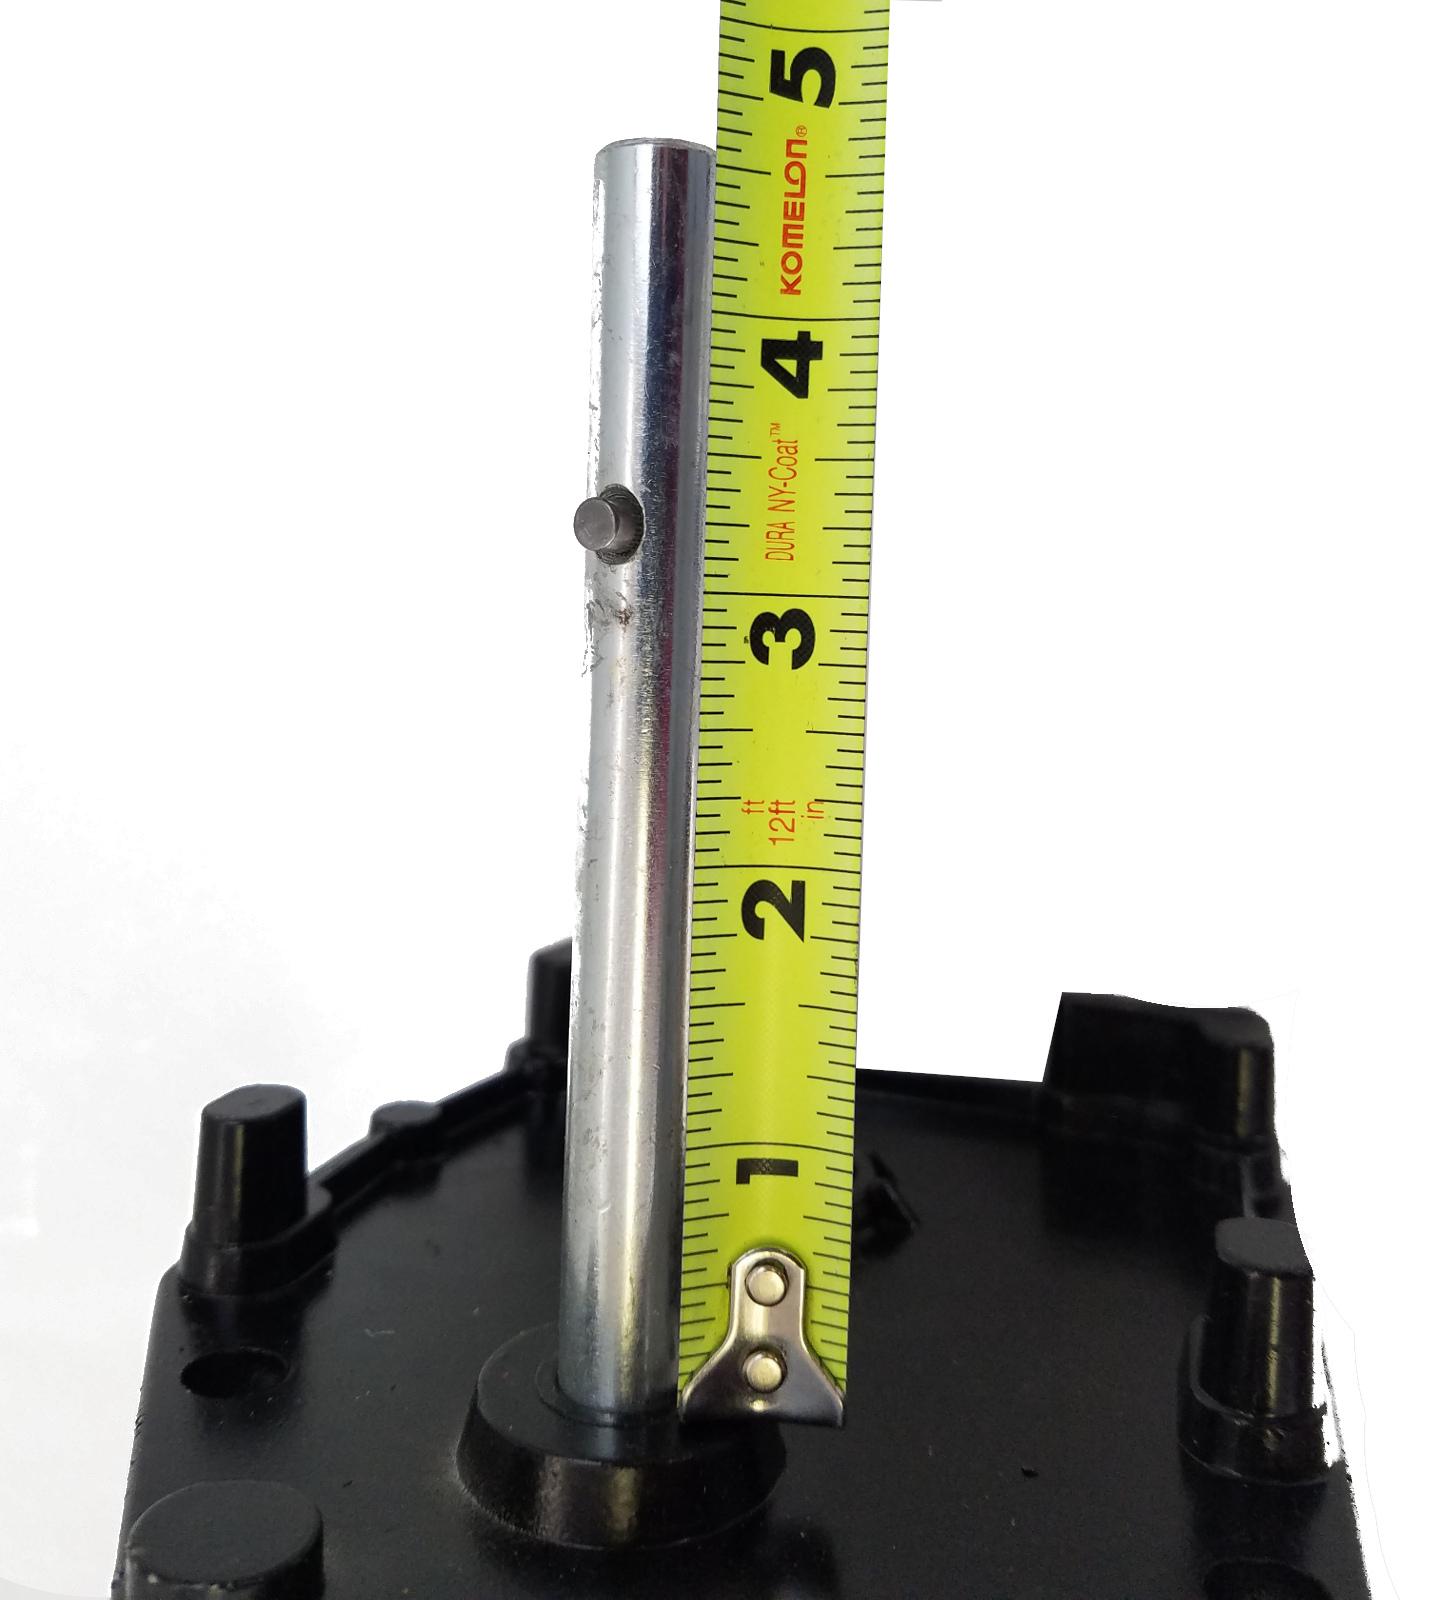 Wiring Diagram Wiring Harness Wiring Diagram Wiring Schematics 220